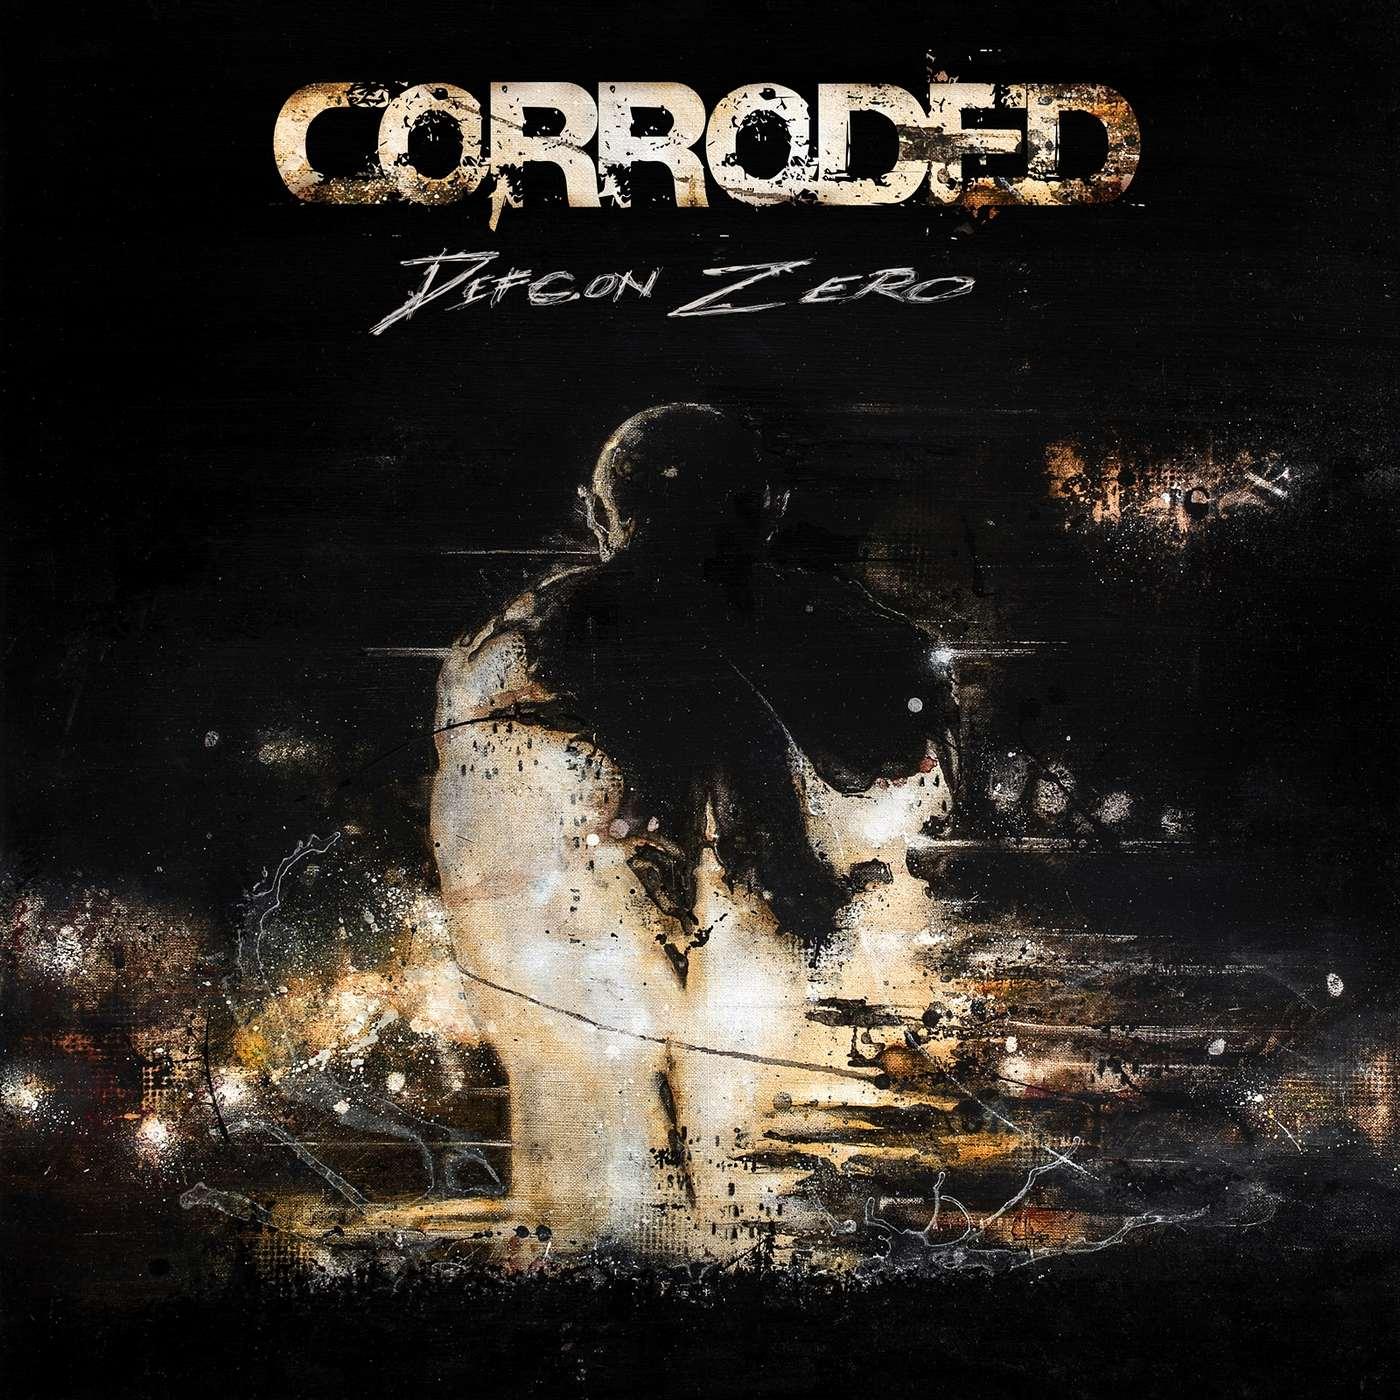 Corroded: Defcon Zero (2017) Book Cover